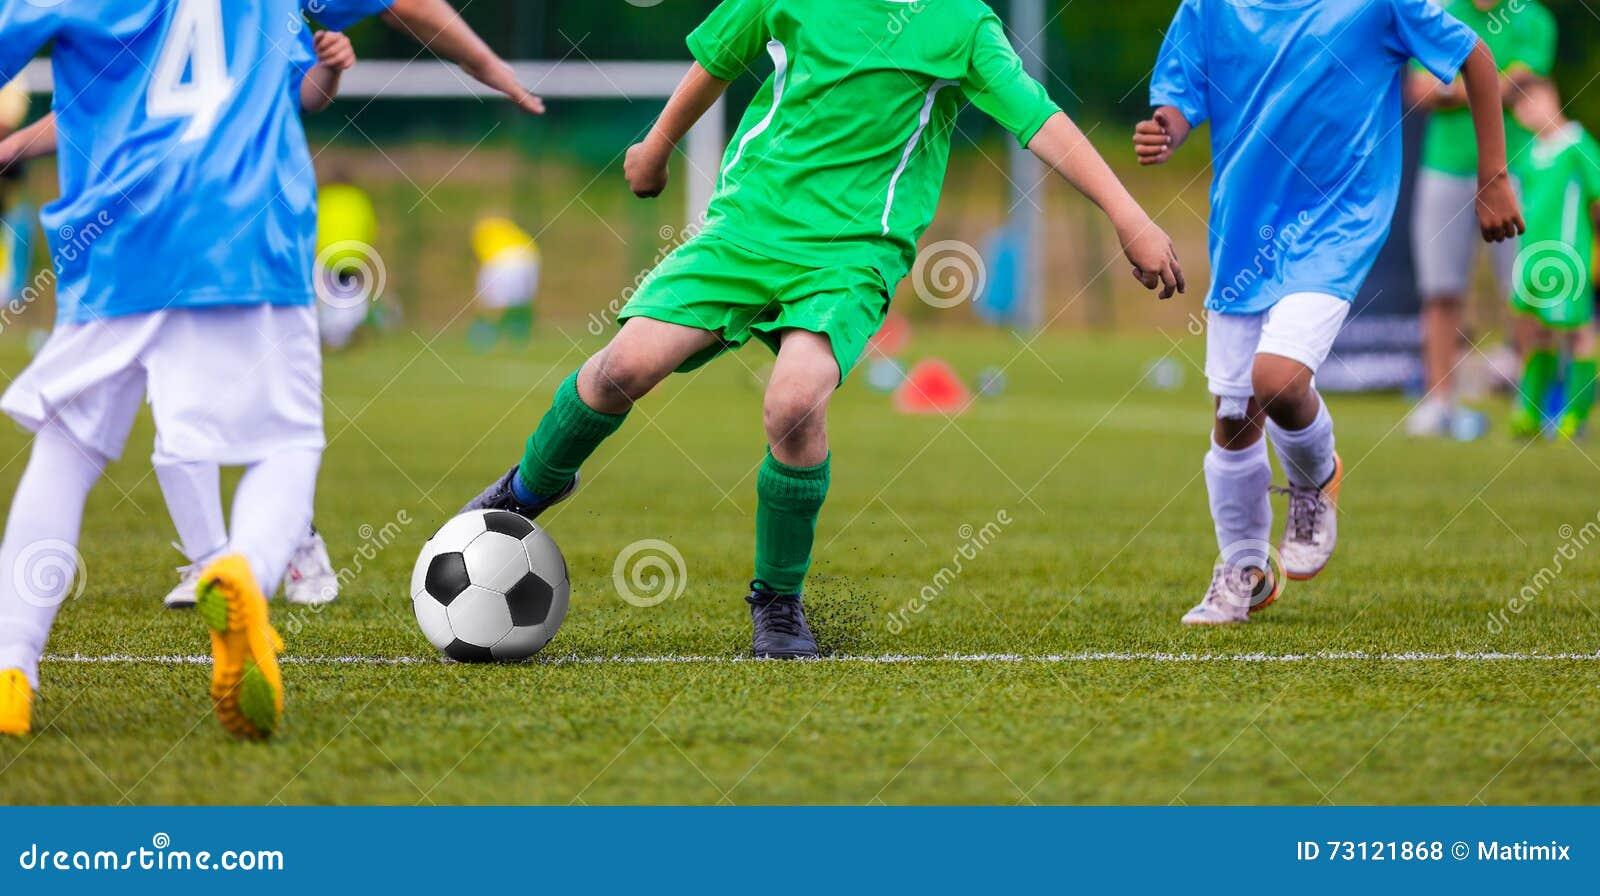 Футбольные команды футбола молодости пиная футбольный мяч на спортивной площадке